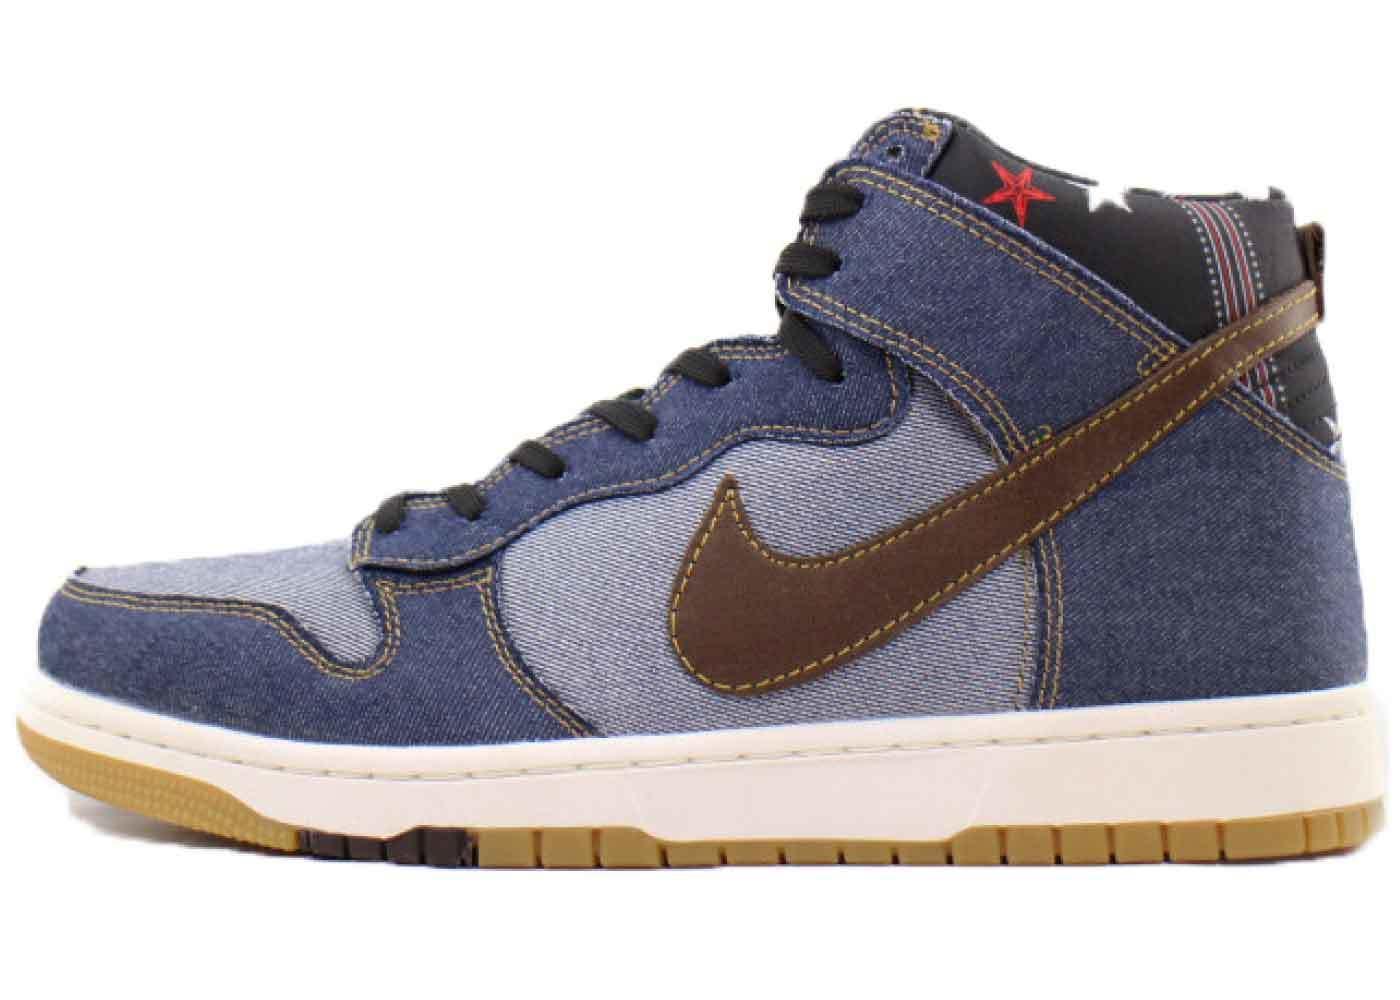 Nike Dunk CMFT Denimの写真